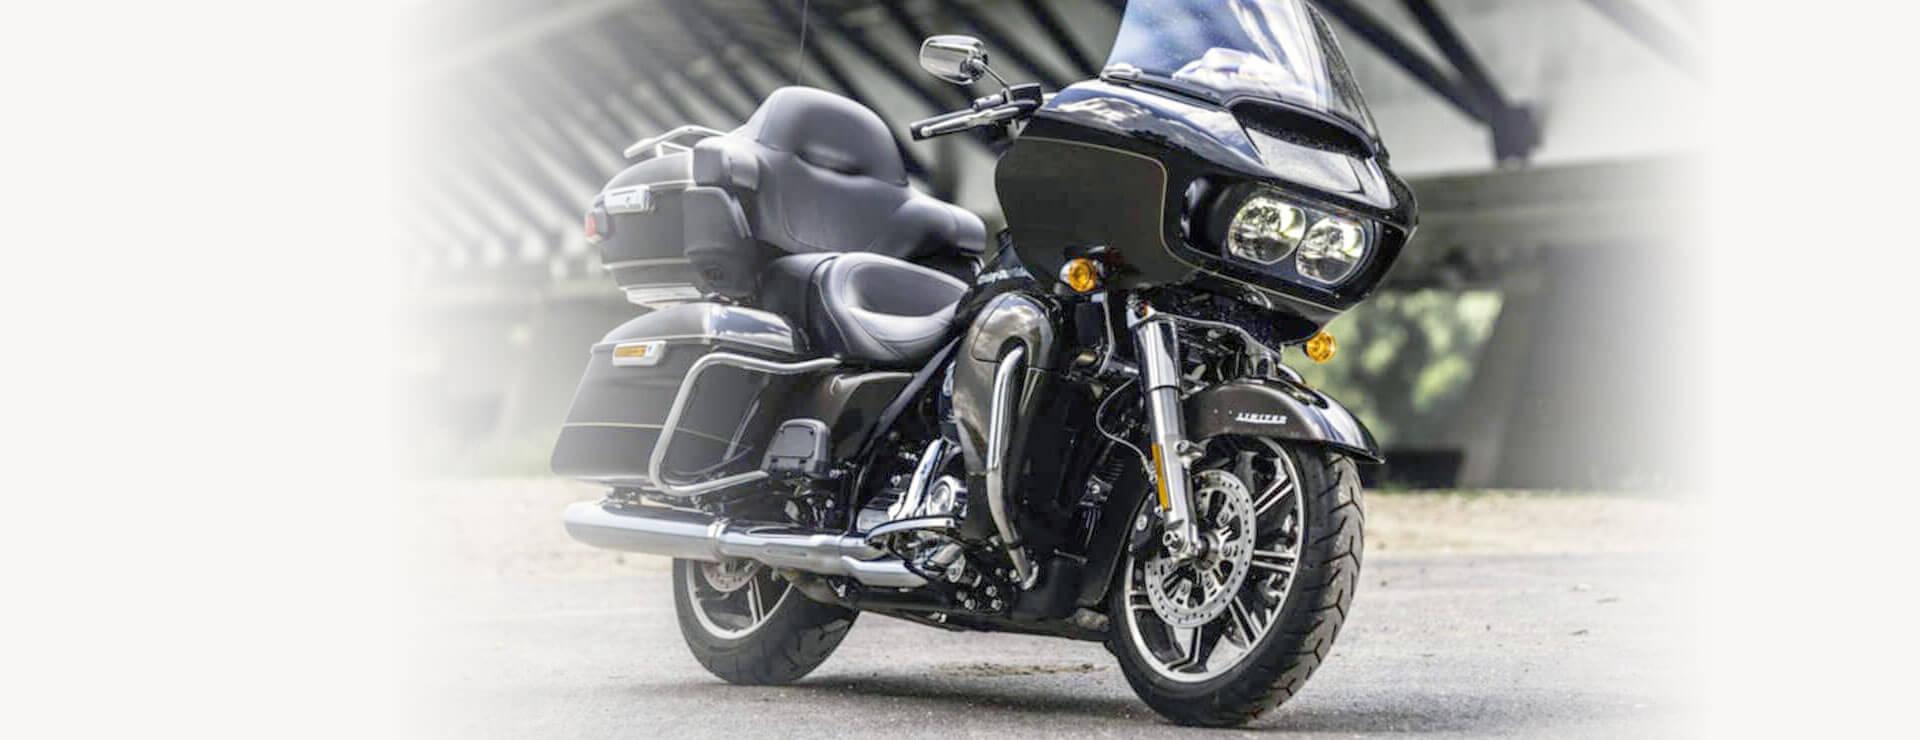 Ubezpieczenia motocykli